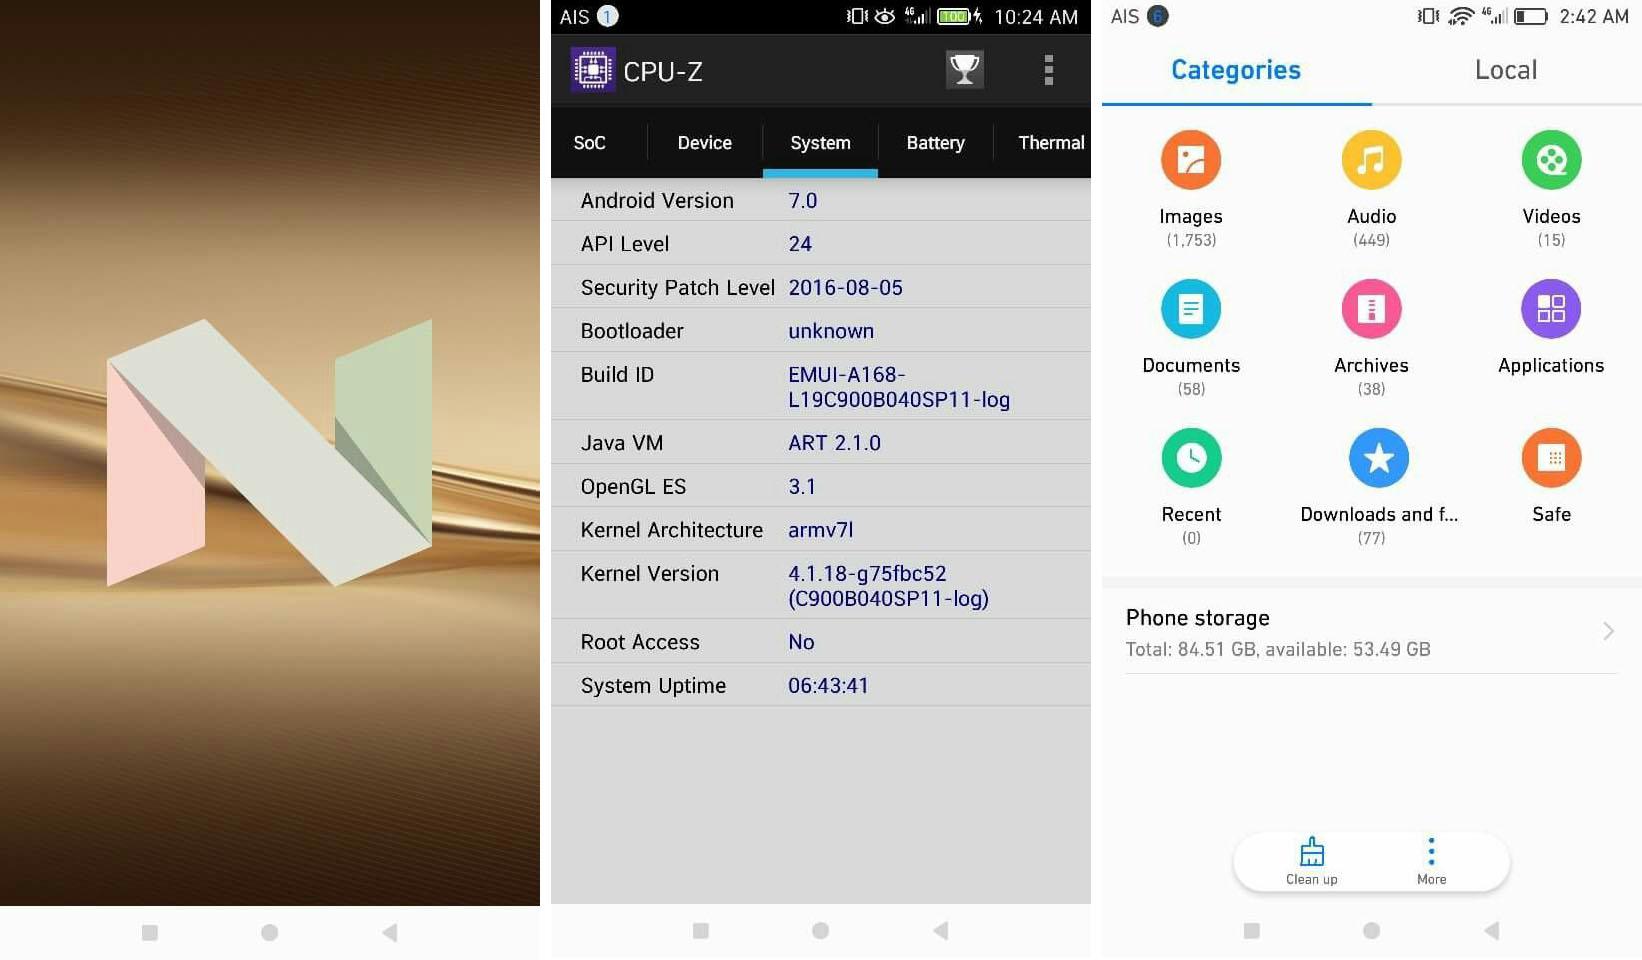 Huawei P9 : une version bêta d'Android 7.0 Nougat en fuite